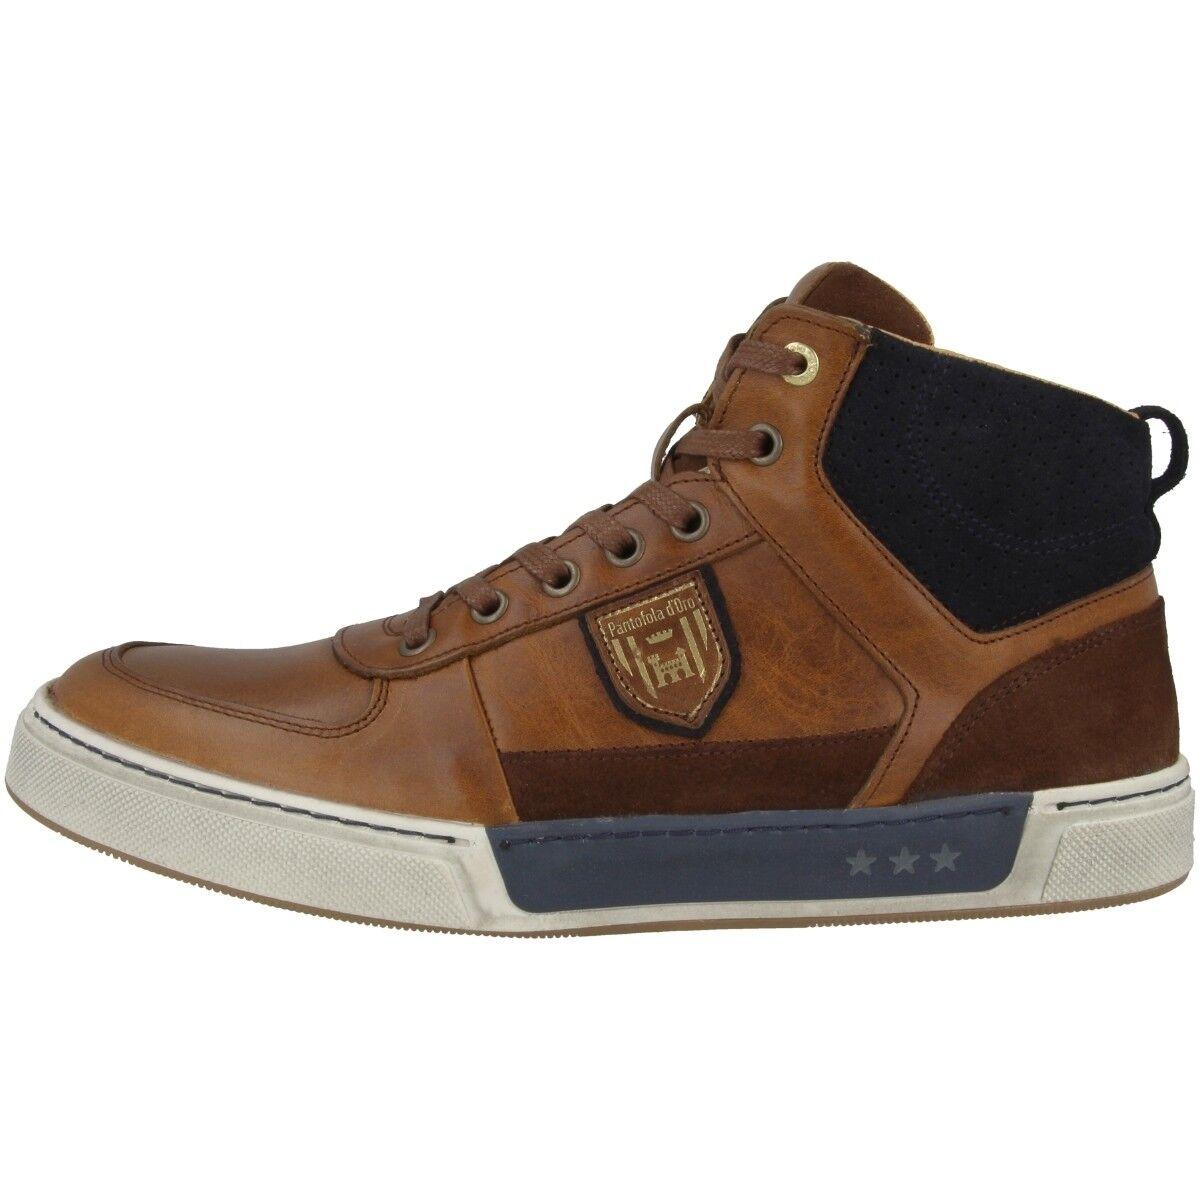 Pantofola D oro Frossoerico Uomo Mid Scarpe da Ginnastica Alte Shell 10183023.JCU | Dall'ultimo modello  | Uomo/Donne Scarpa